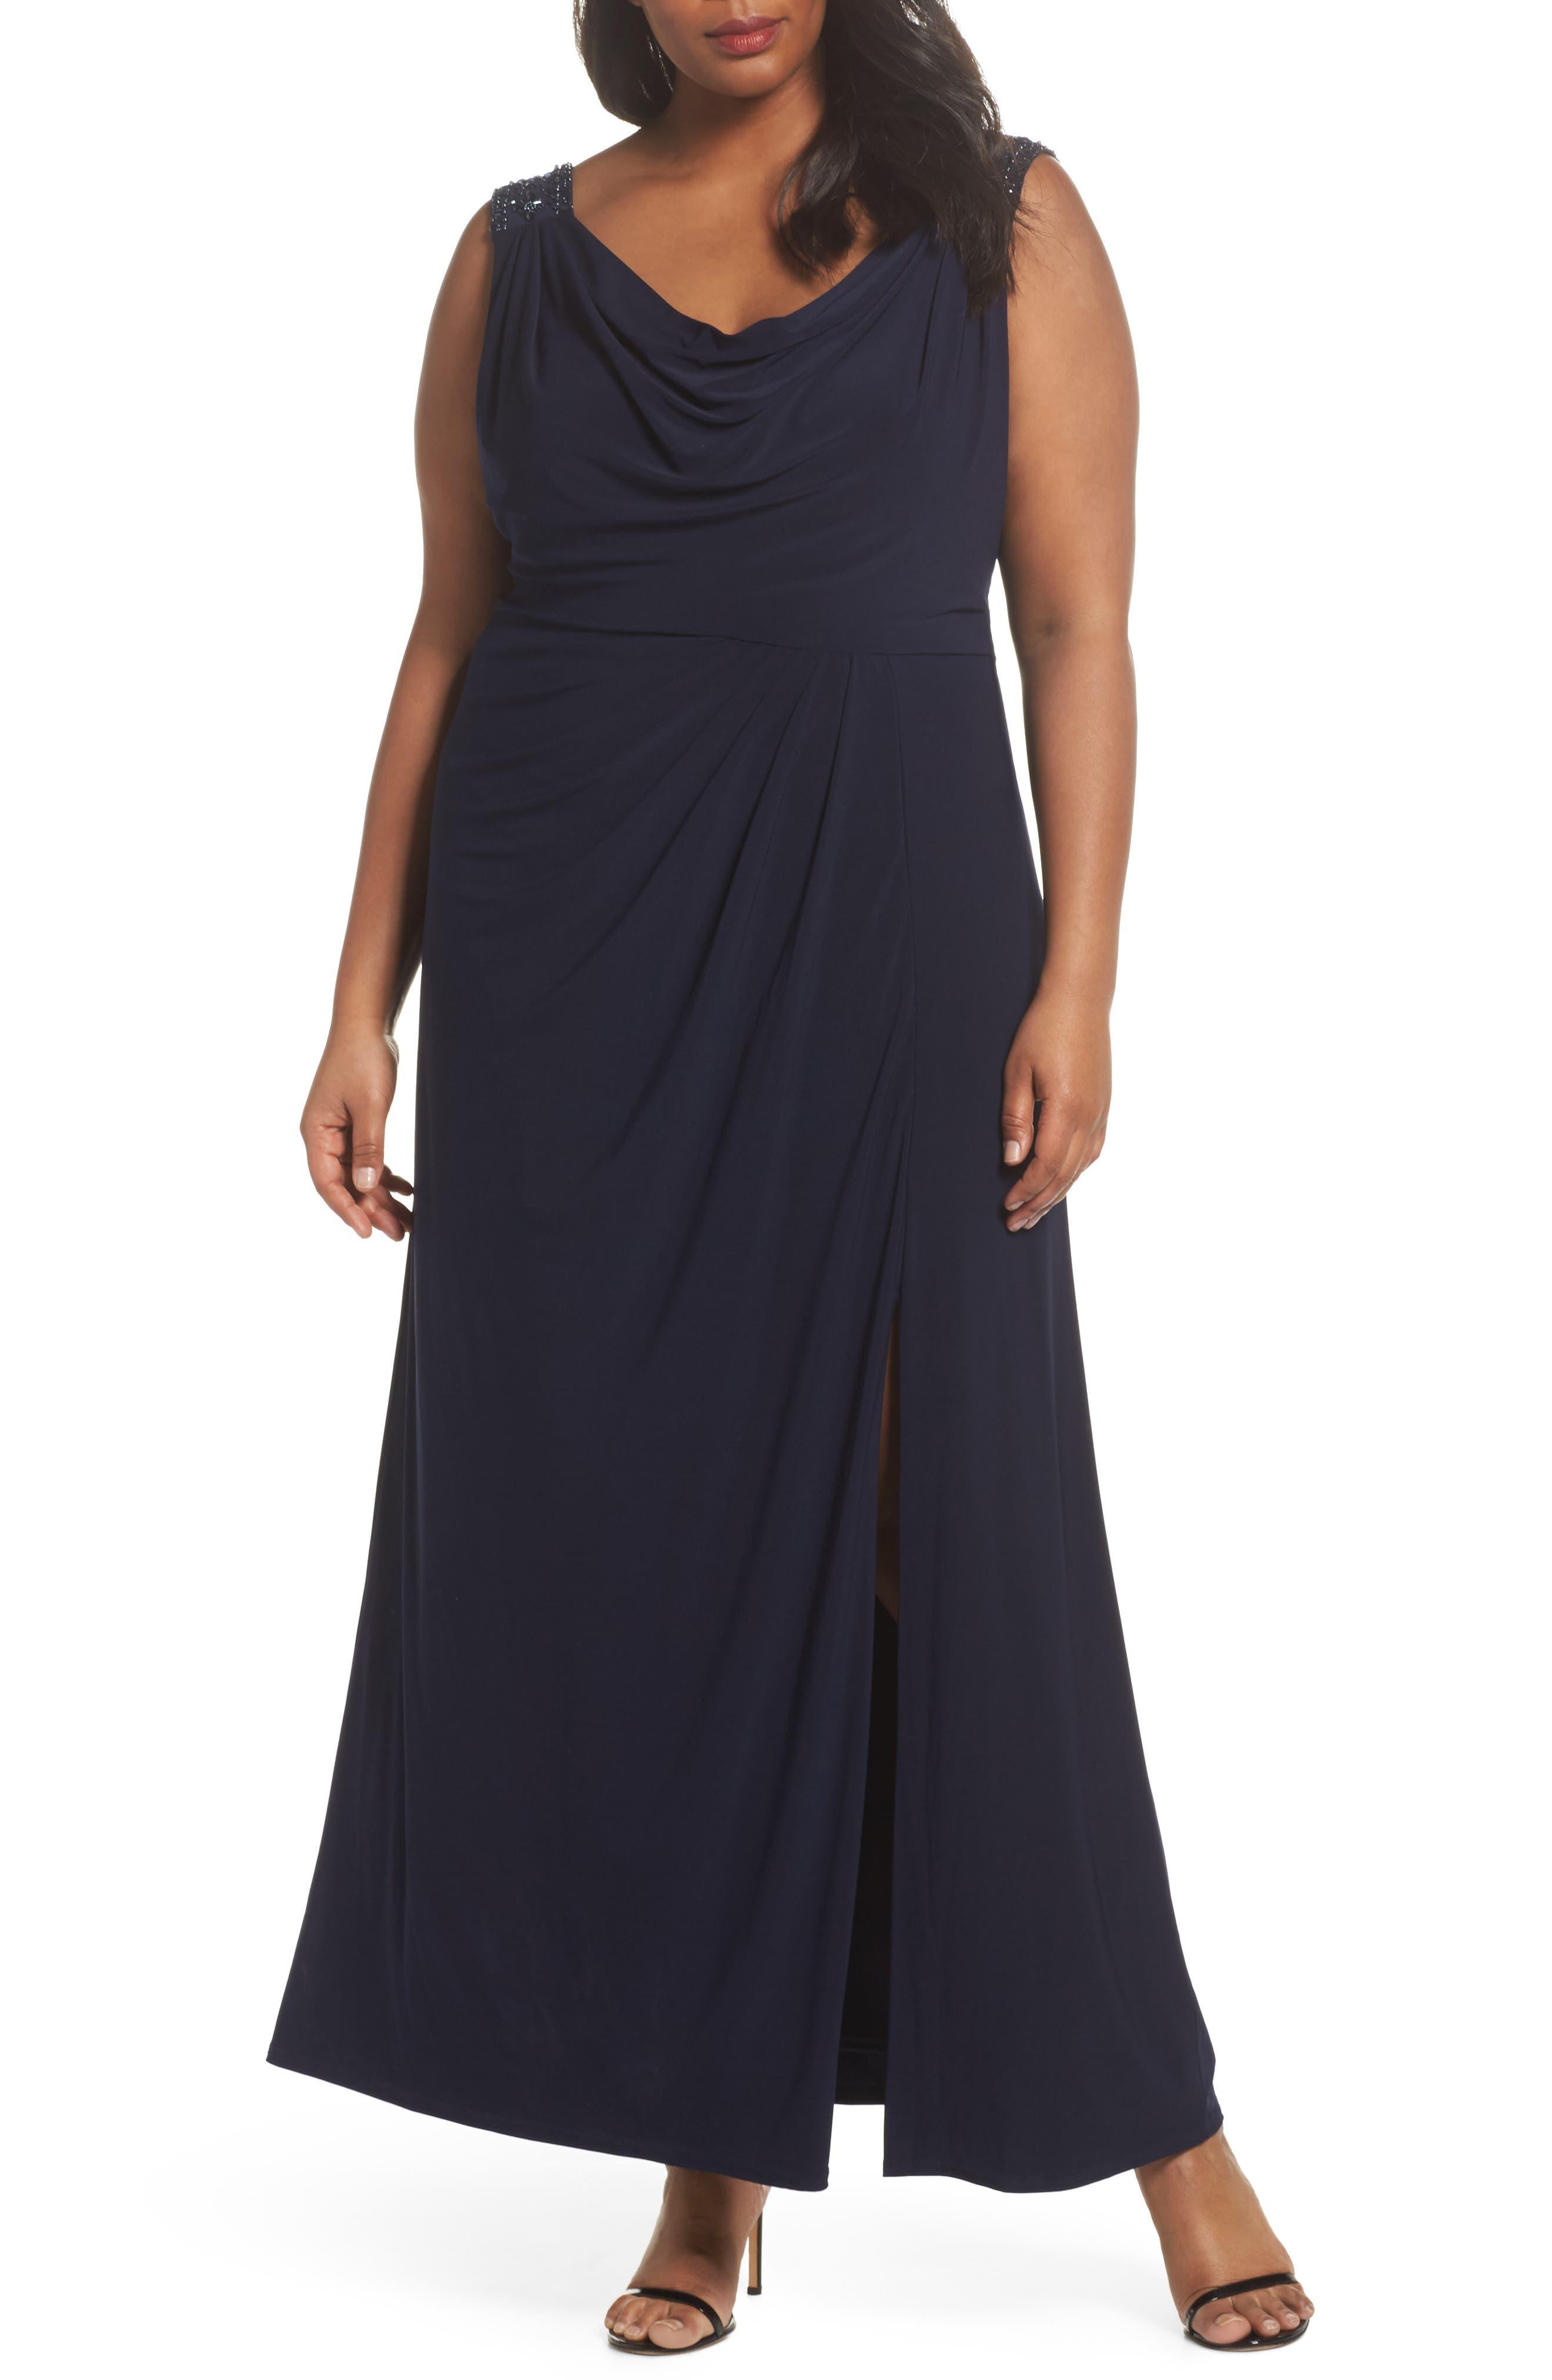 Cowl Neck A-Line Dress,                             Main thumbnail 1, color,                             Navy